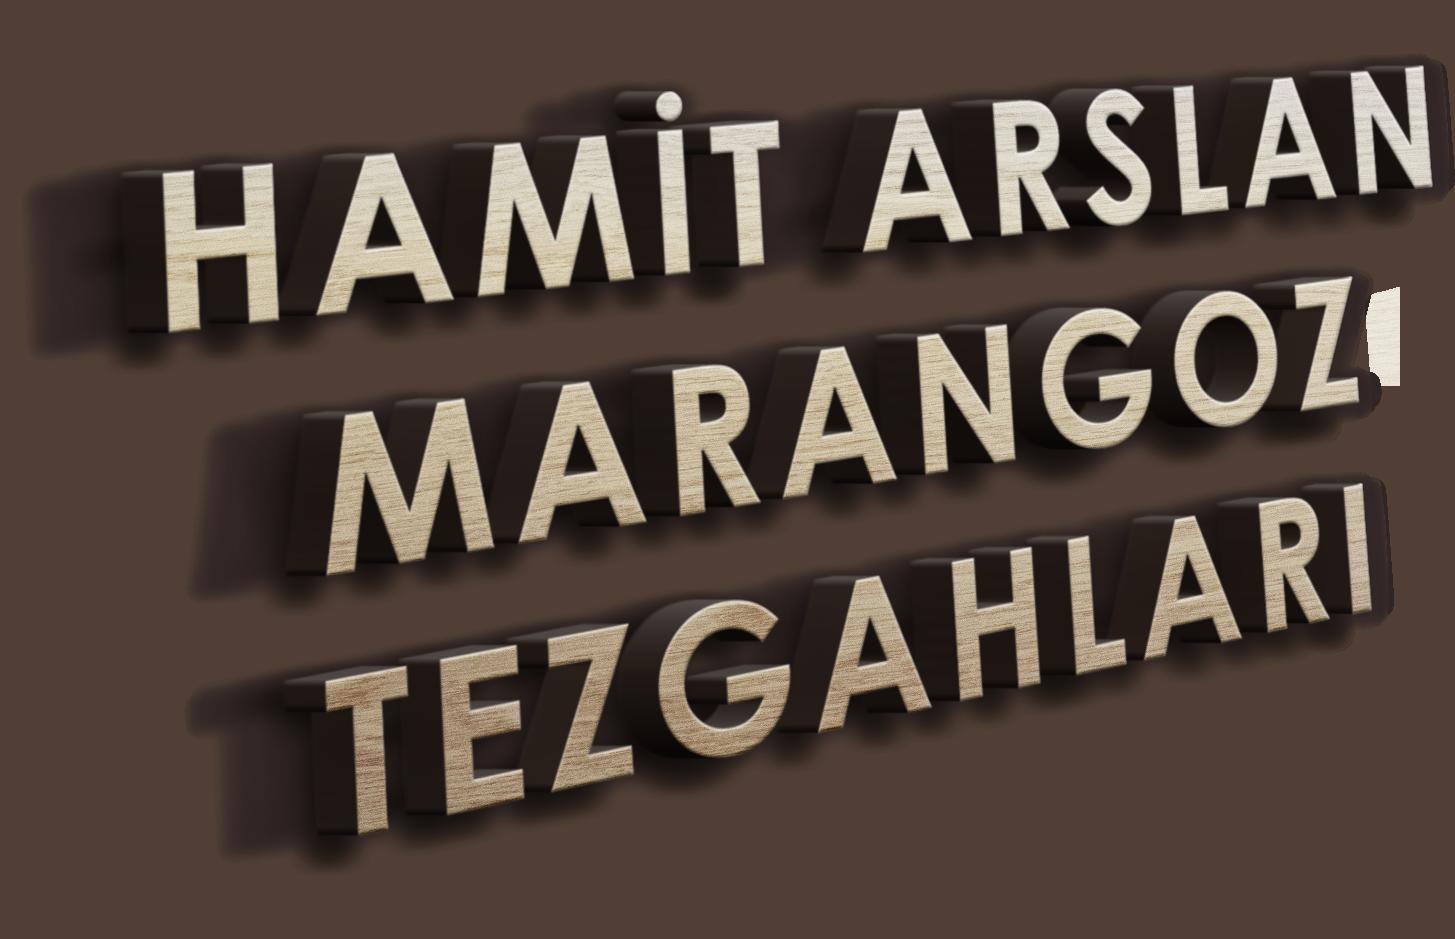 Ahşap Marangoz Tezgahları – Hamit & Mehmet Arslan